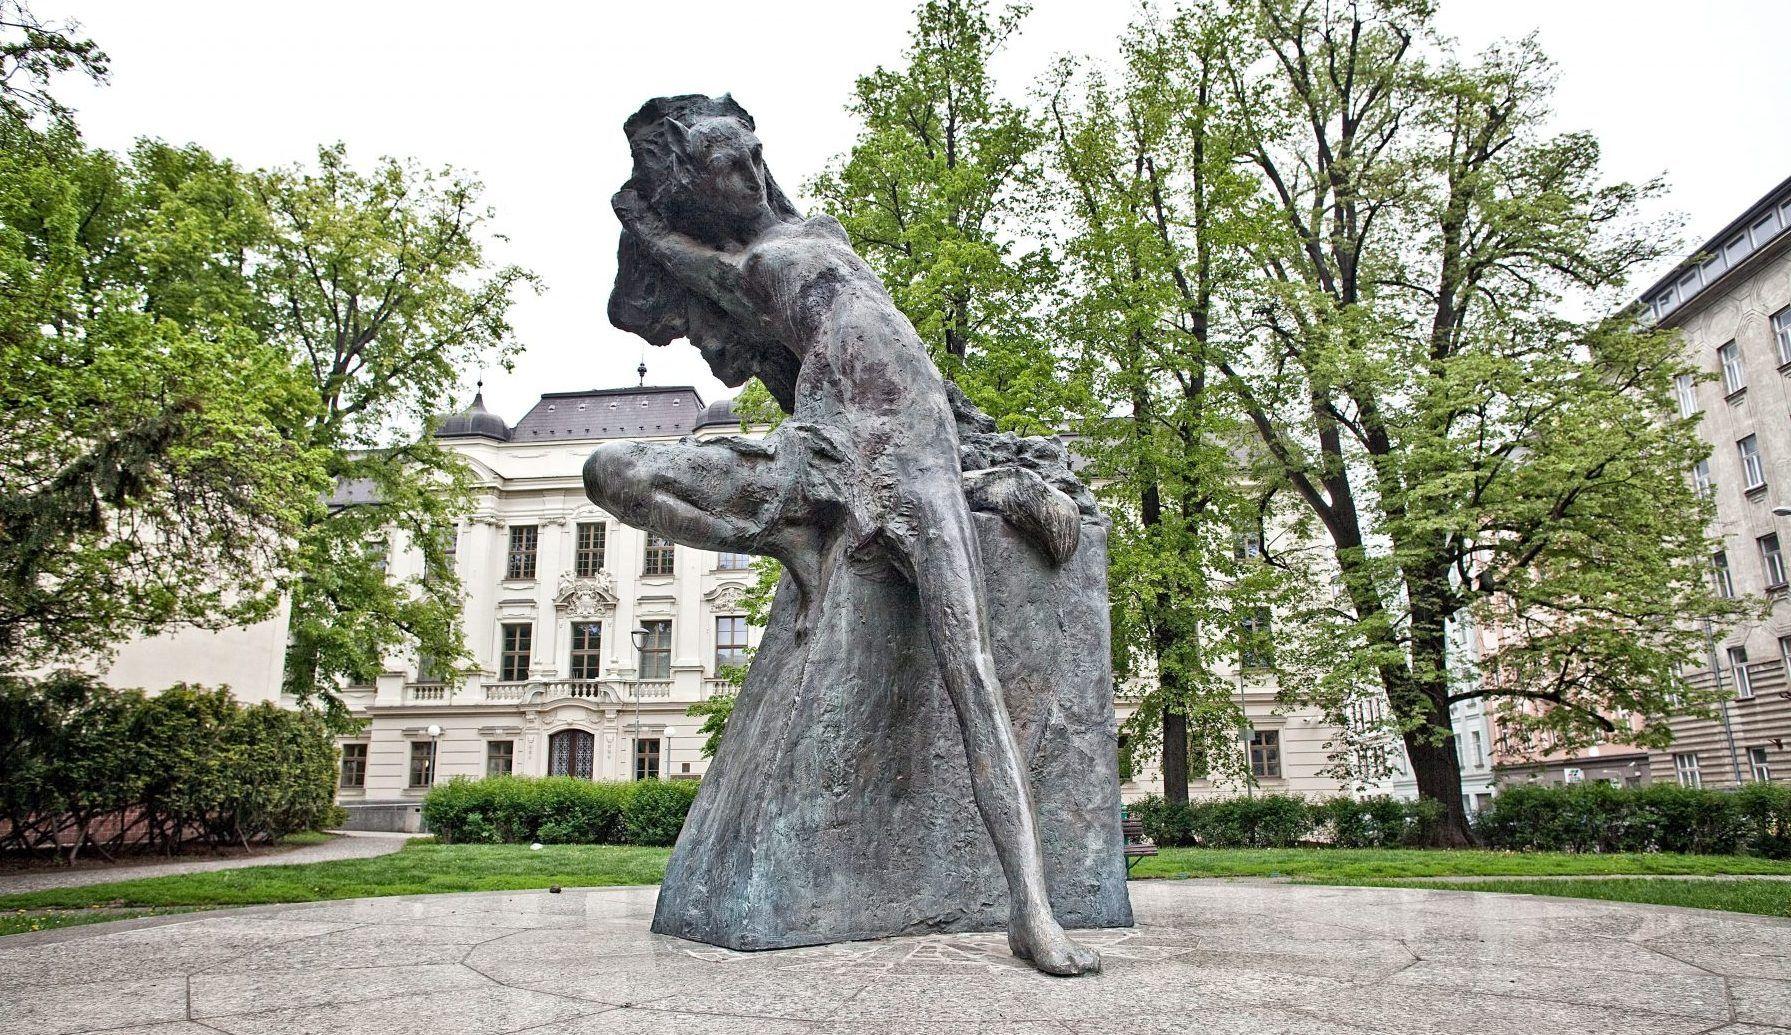 socha Jiří Marek: Liška Bystrouška (Janáčkovo náměstí) v Brně